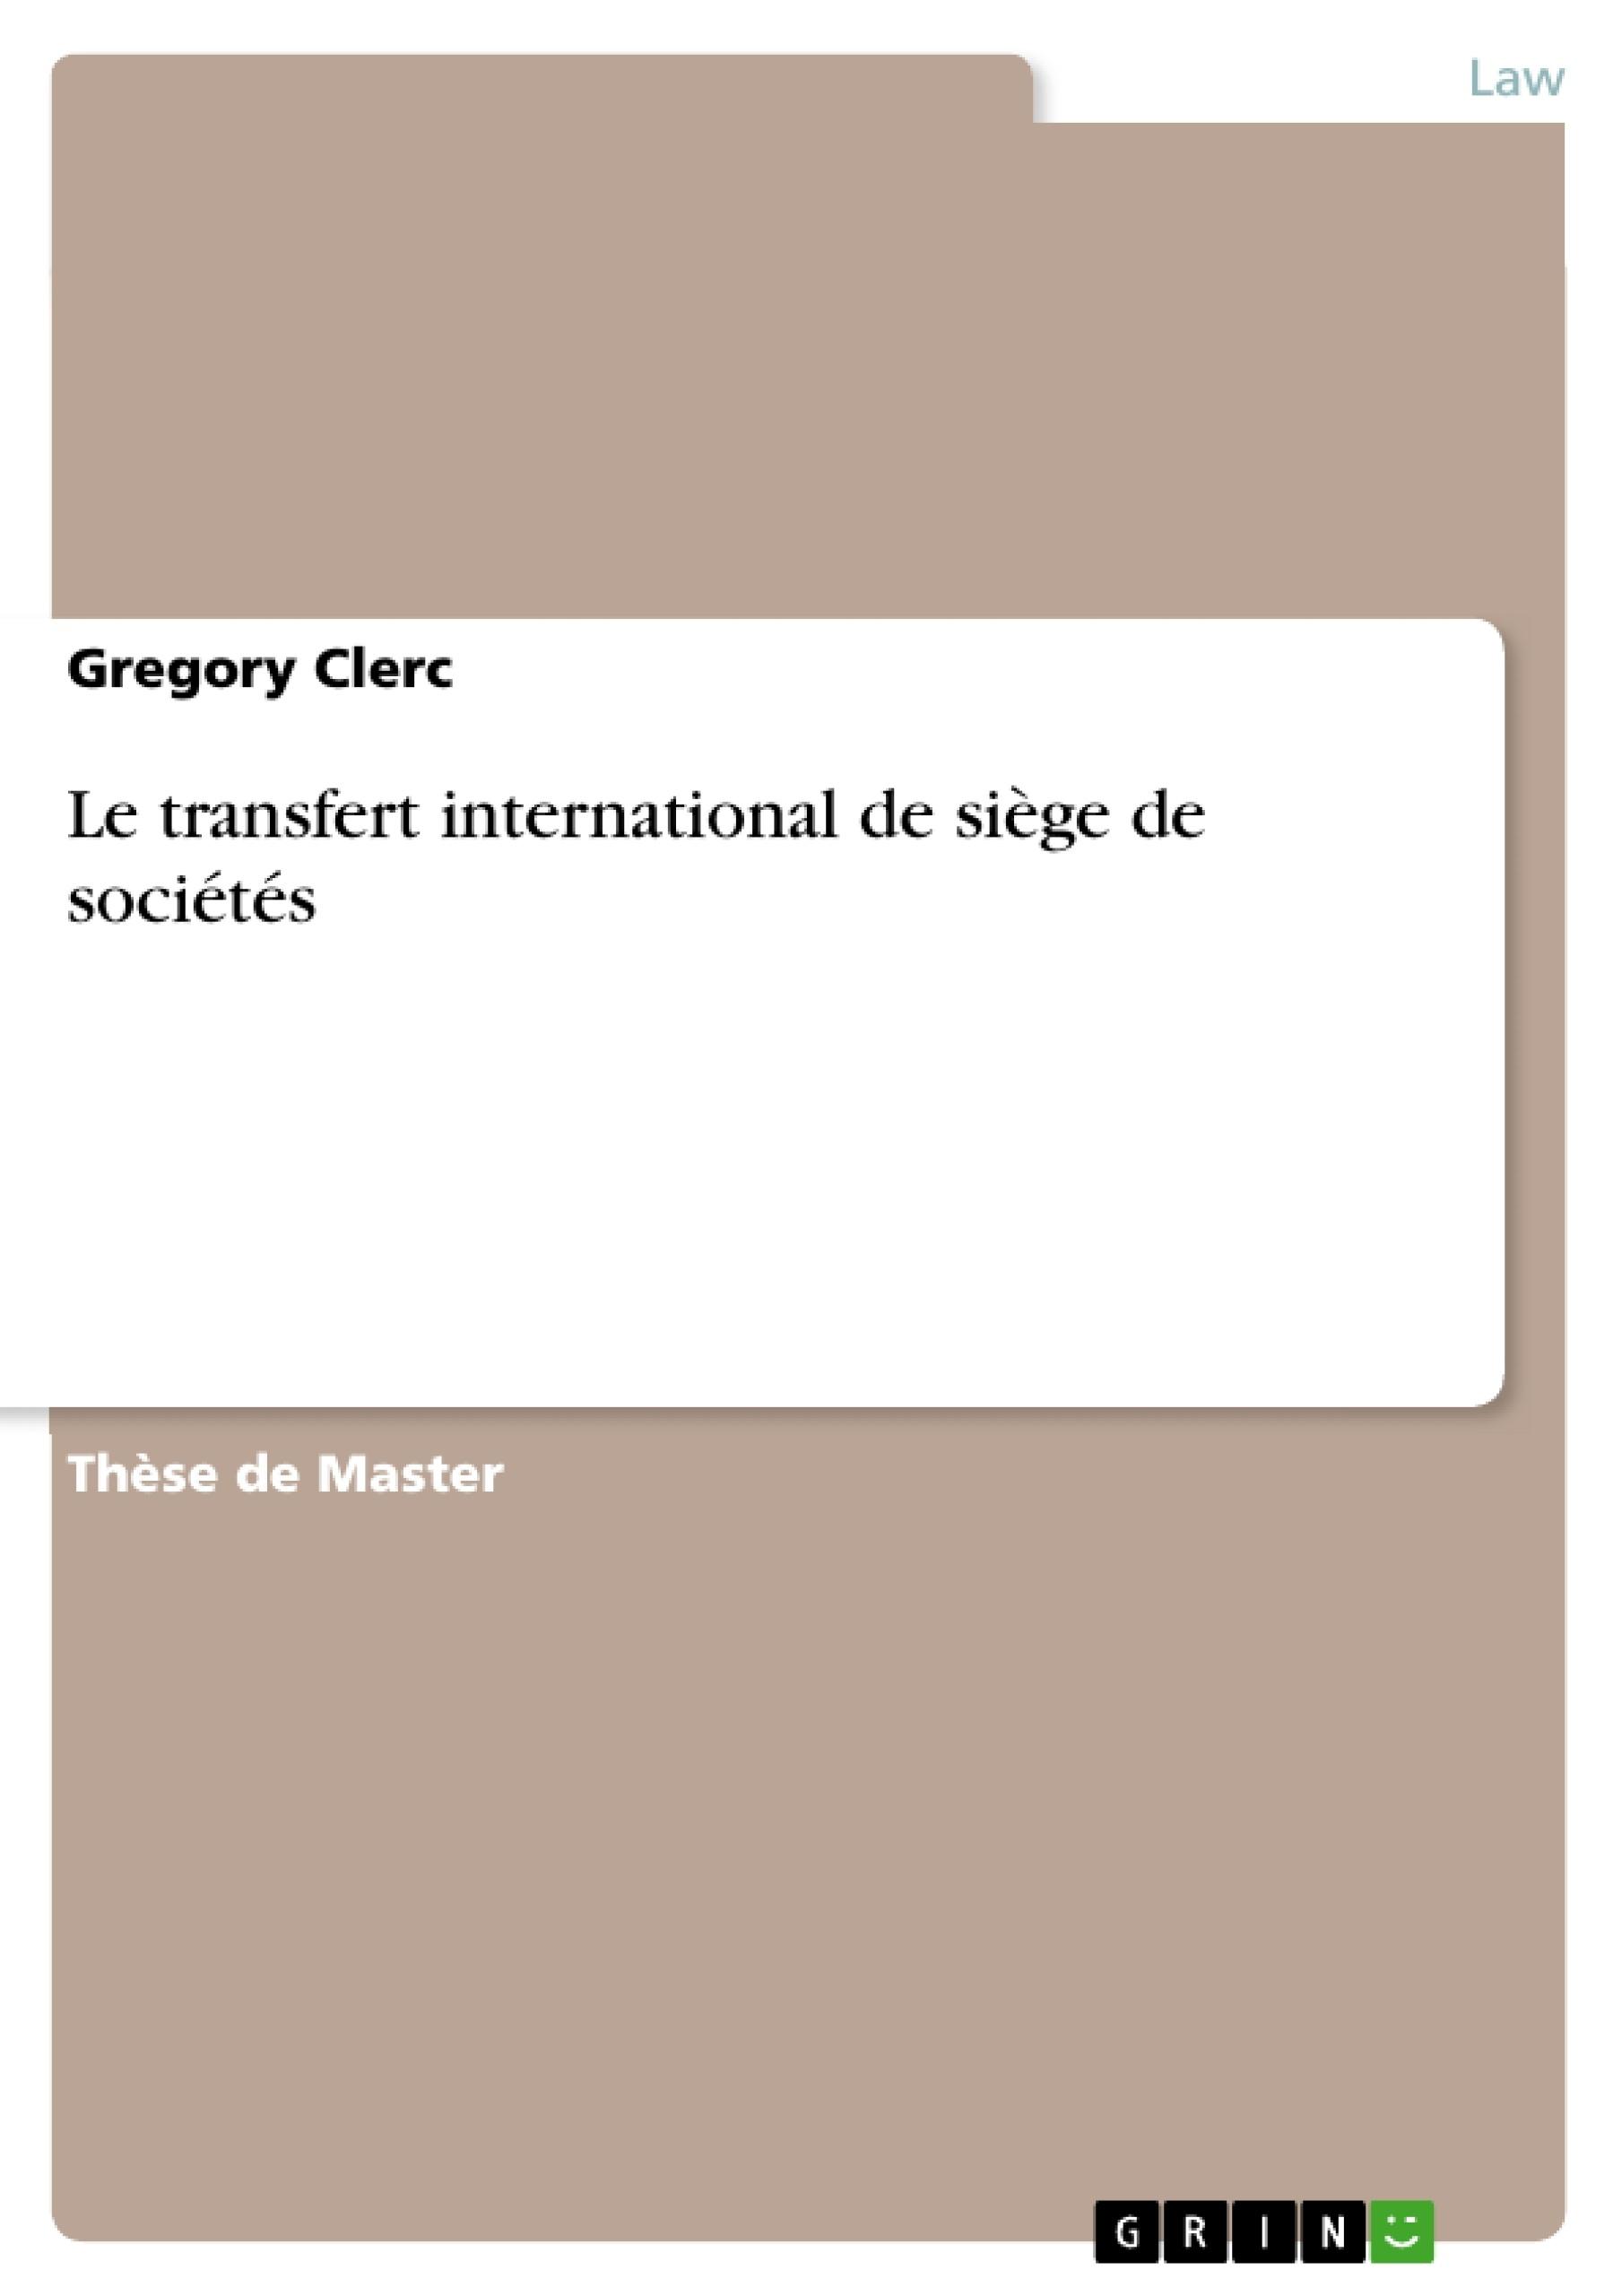 Titre: Le transfert international de siège de sociétés